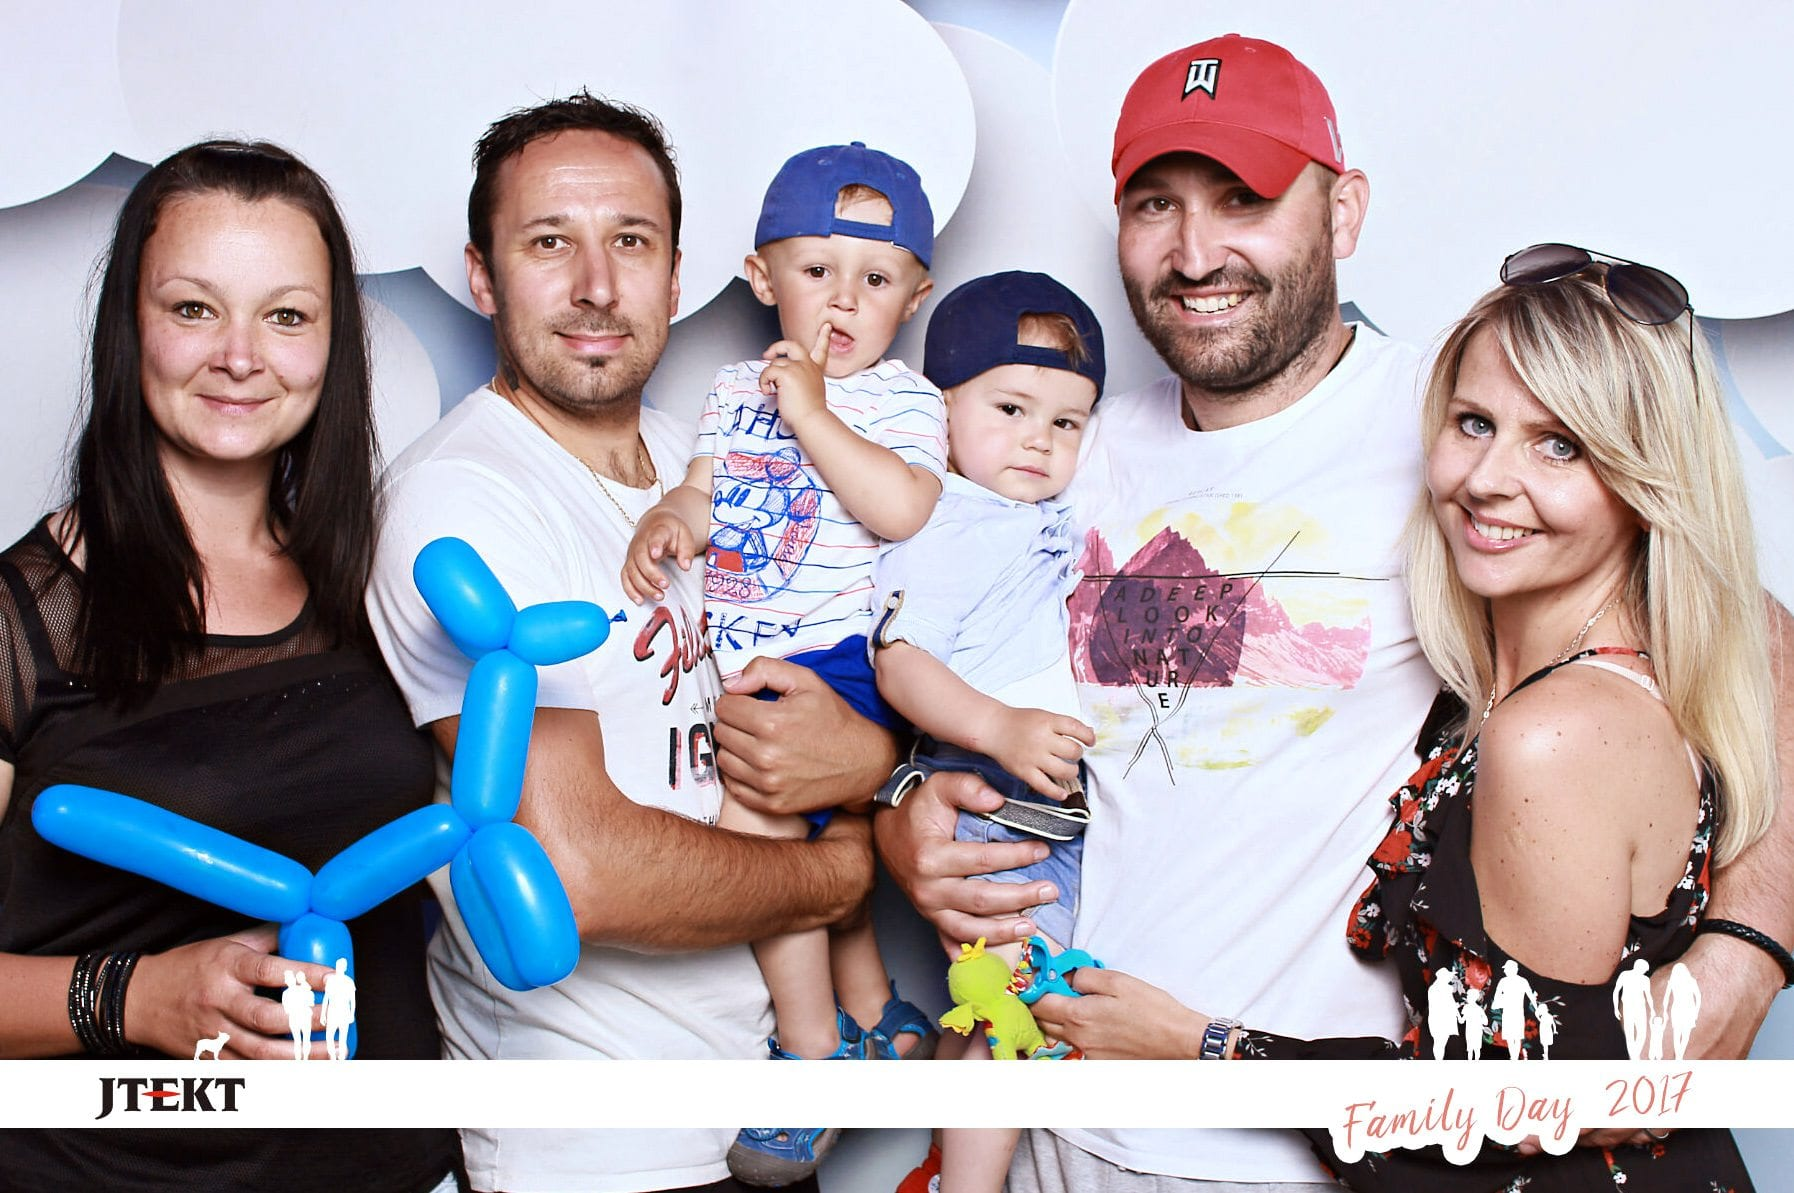 fotokoutek-jtekt-family-day-2017-27-5-2017-251786